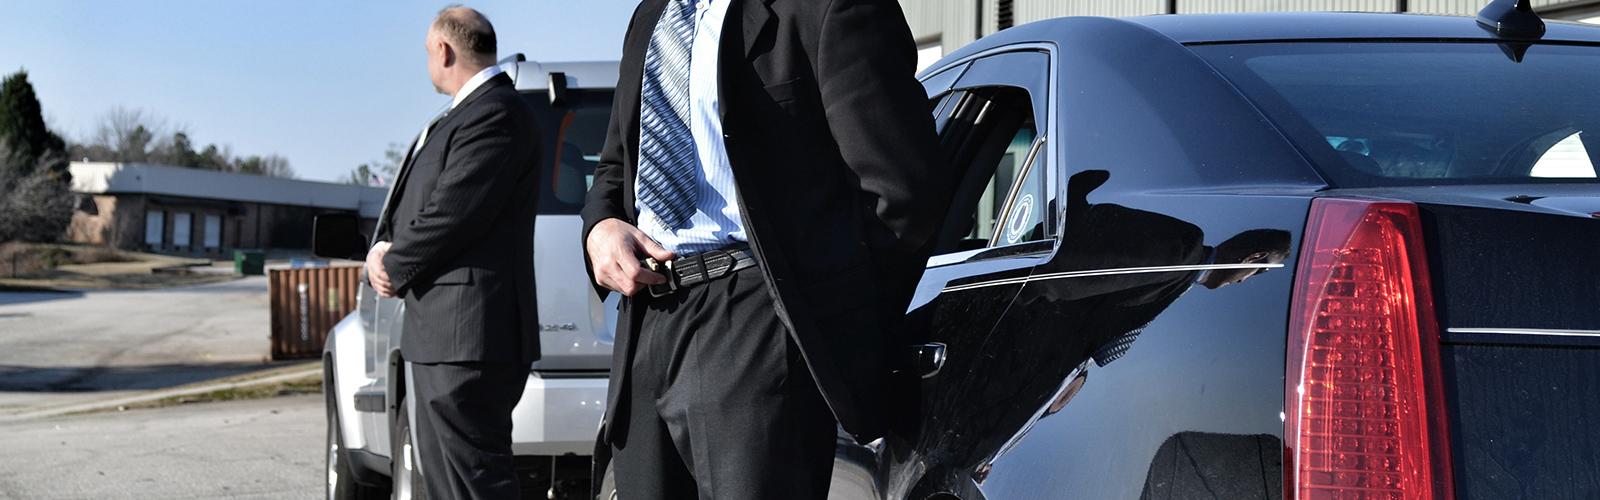 Concierge Belgrade | Bodyguard